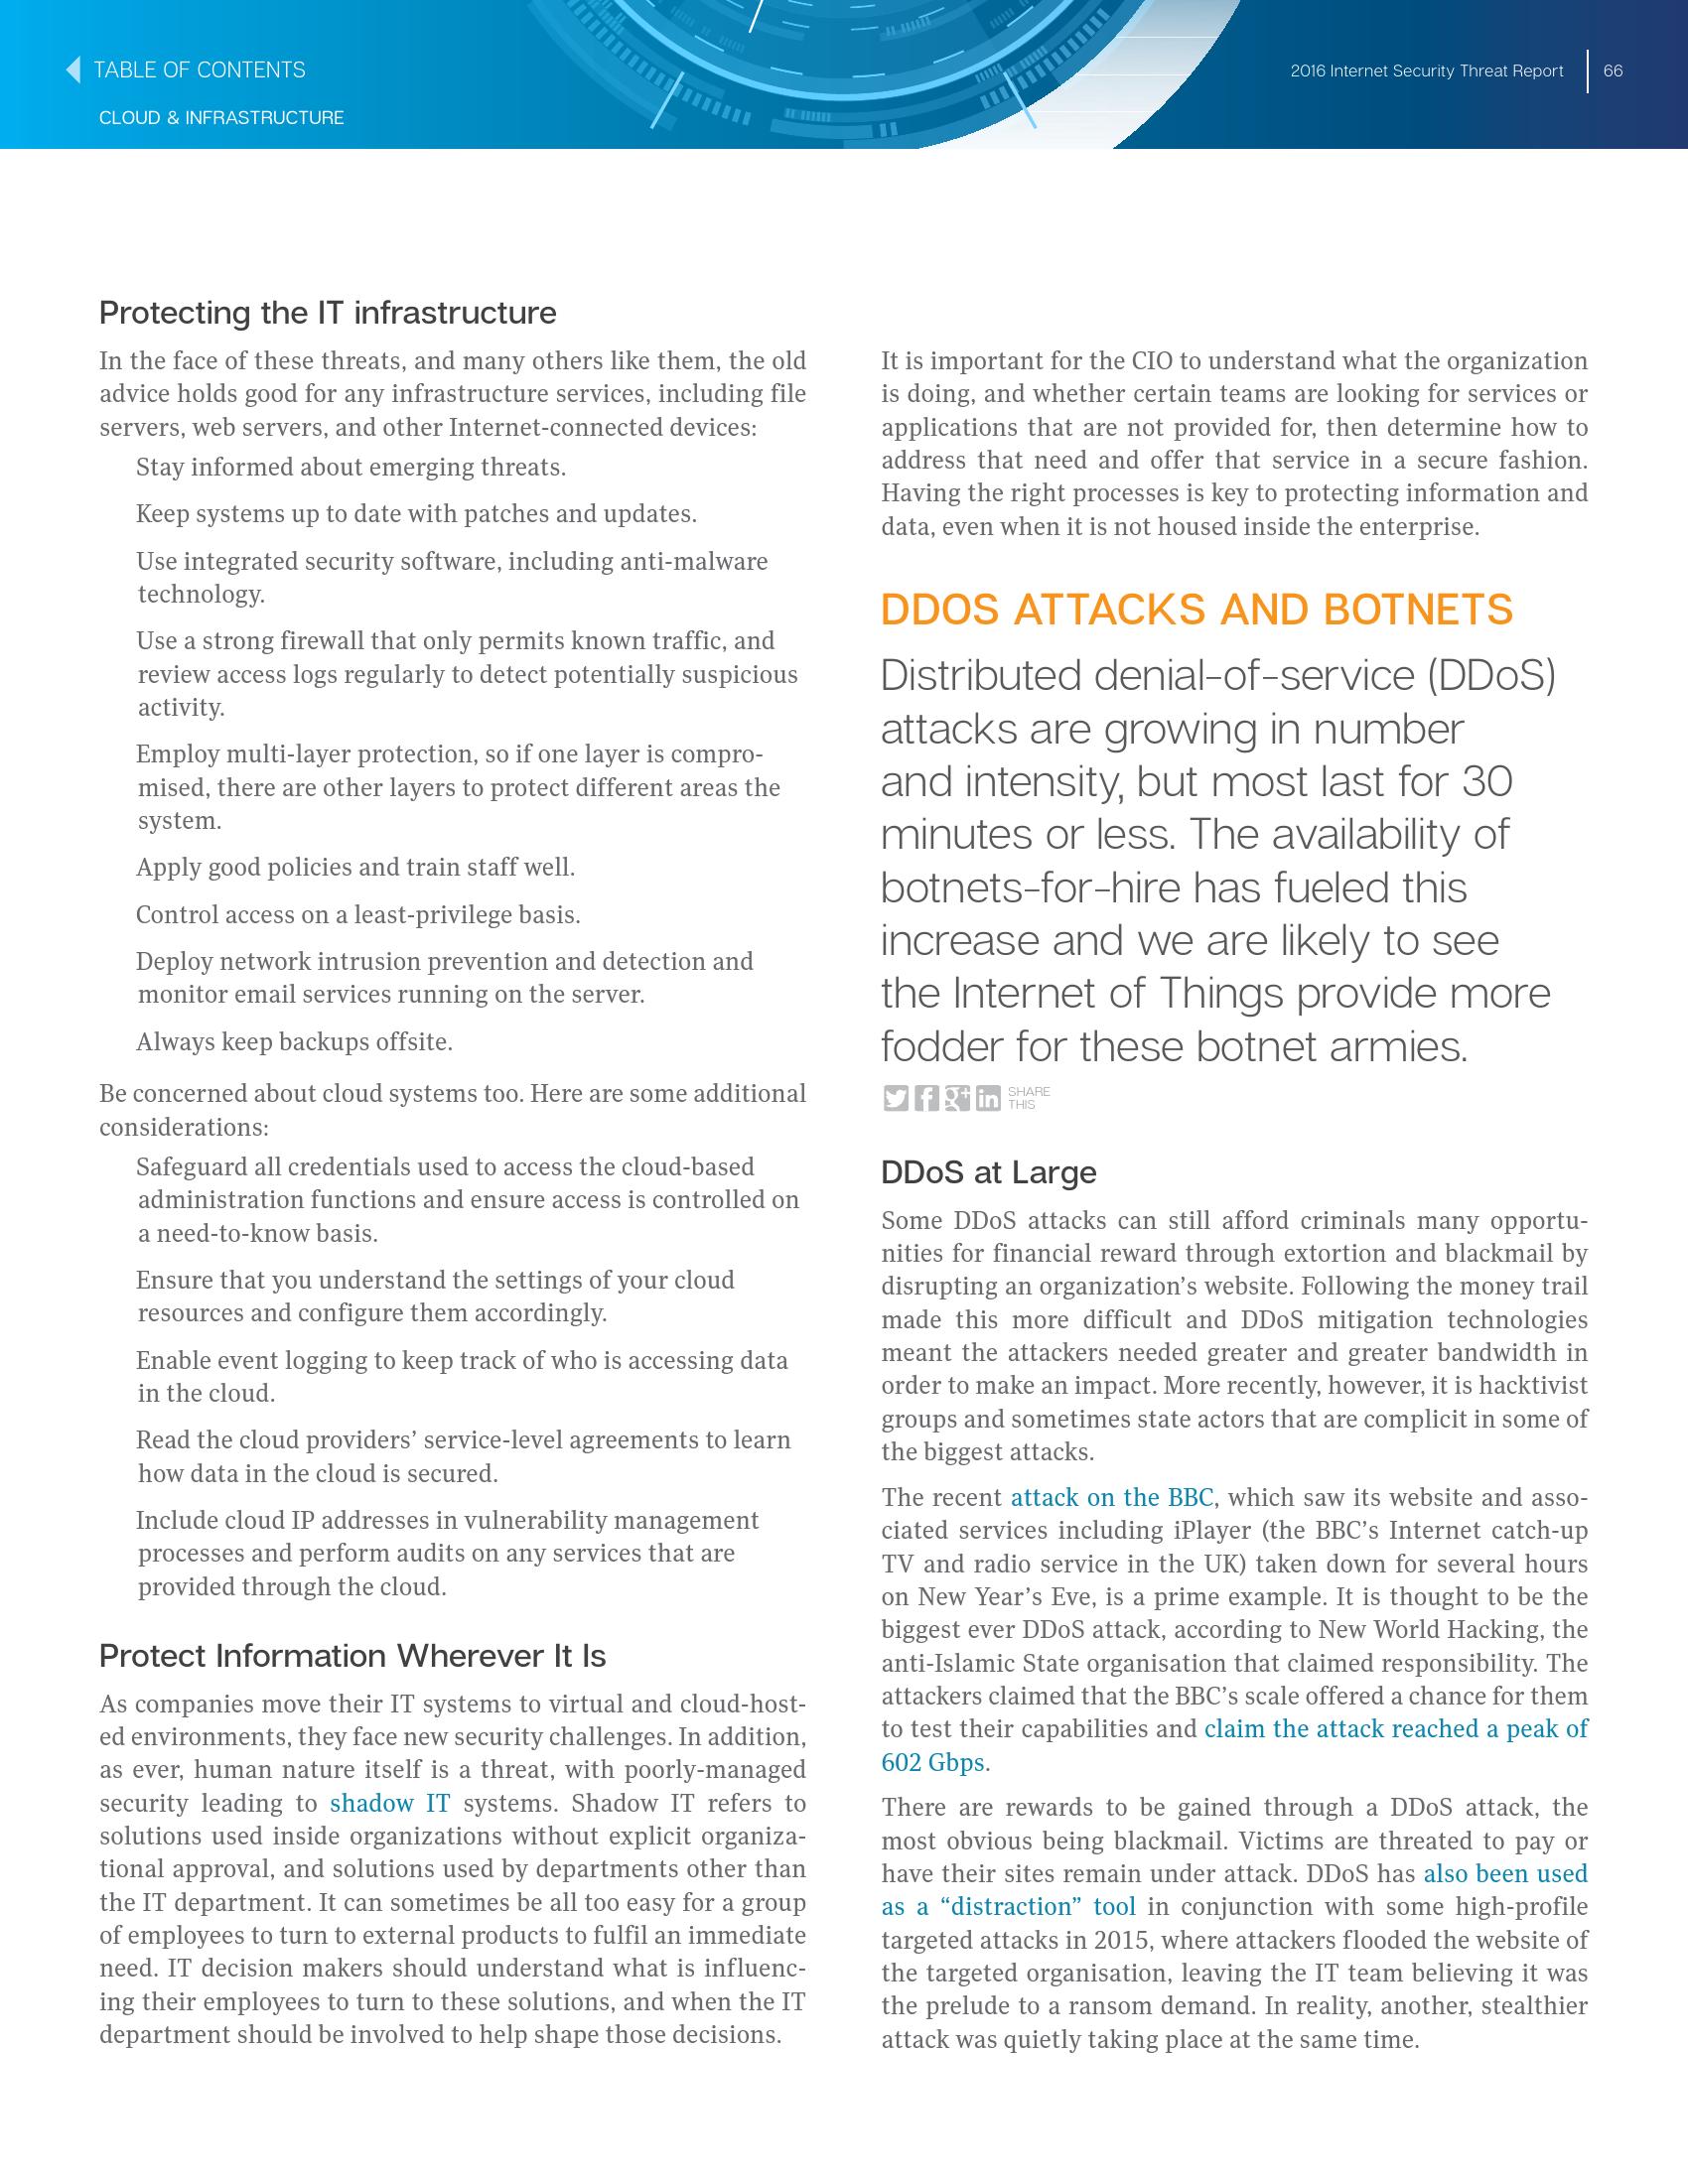 2016年互联网安全威胁报告_000066